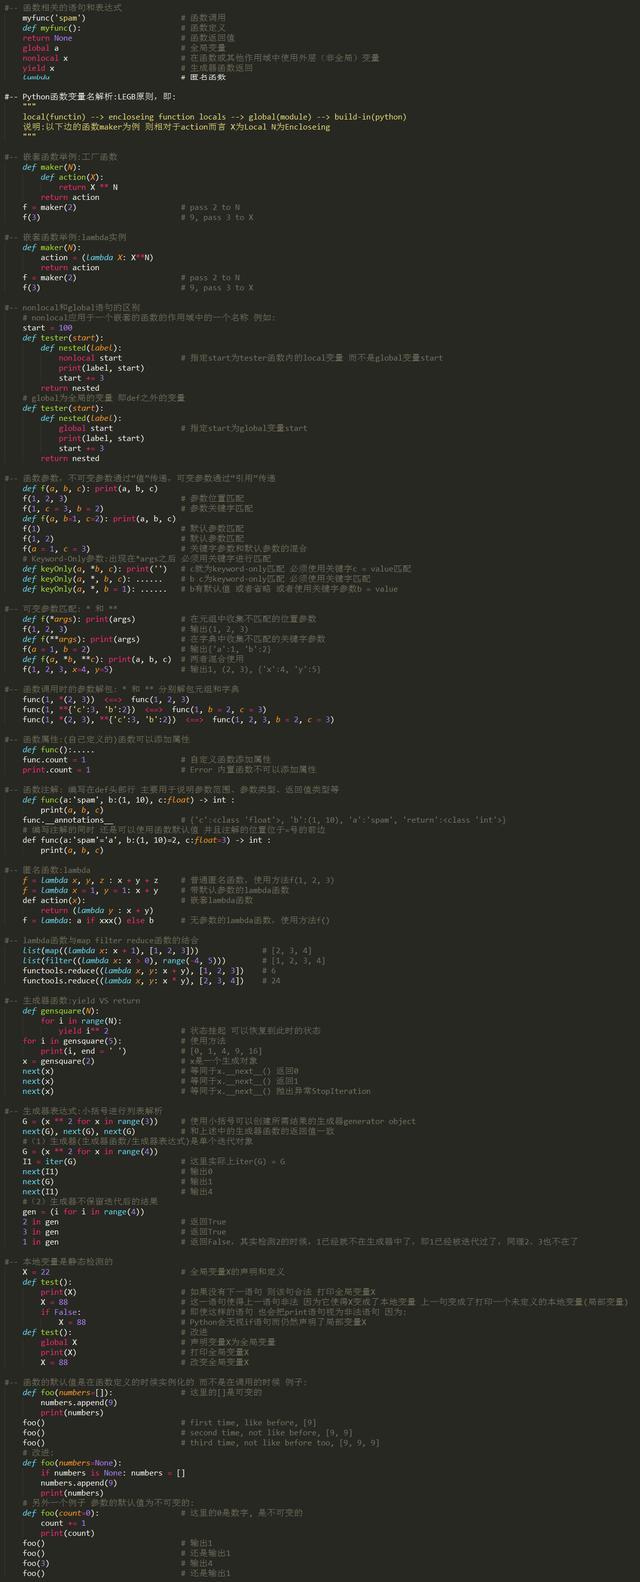 麻省理工教授將Python基礎總結成千行代碼。讓Python入門更簡單! - 每日頭條